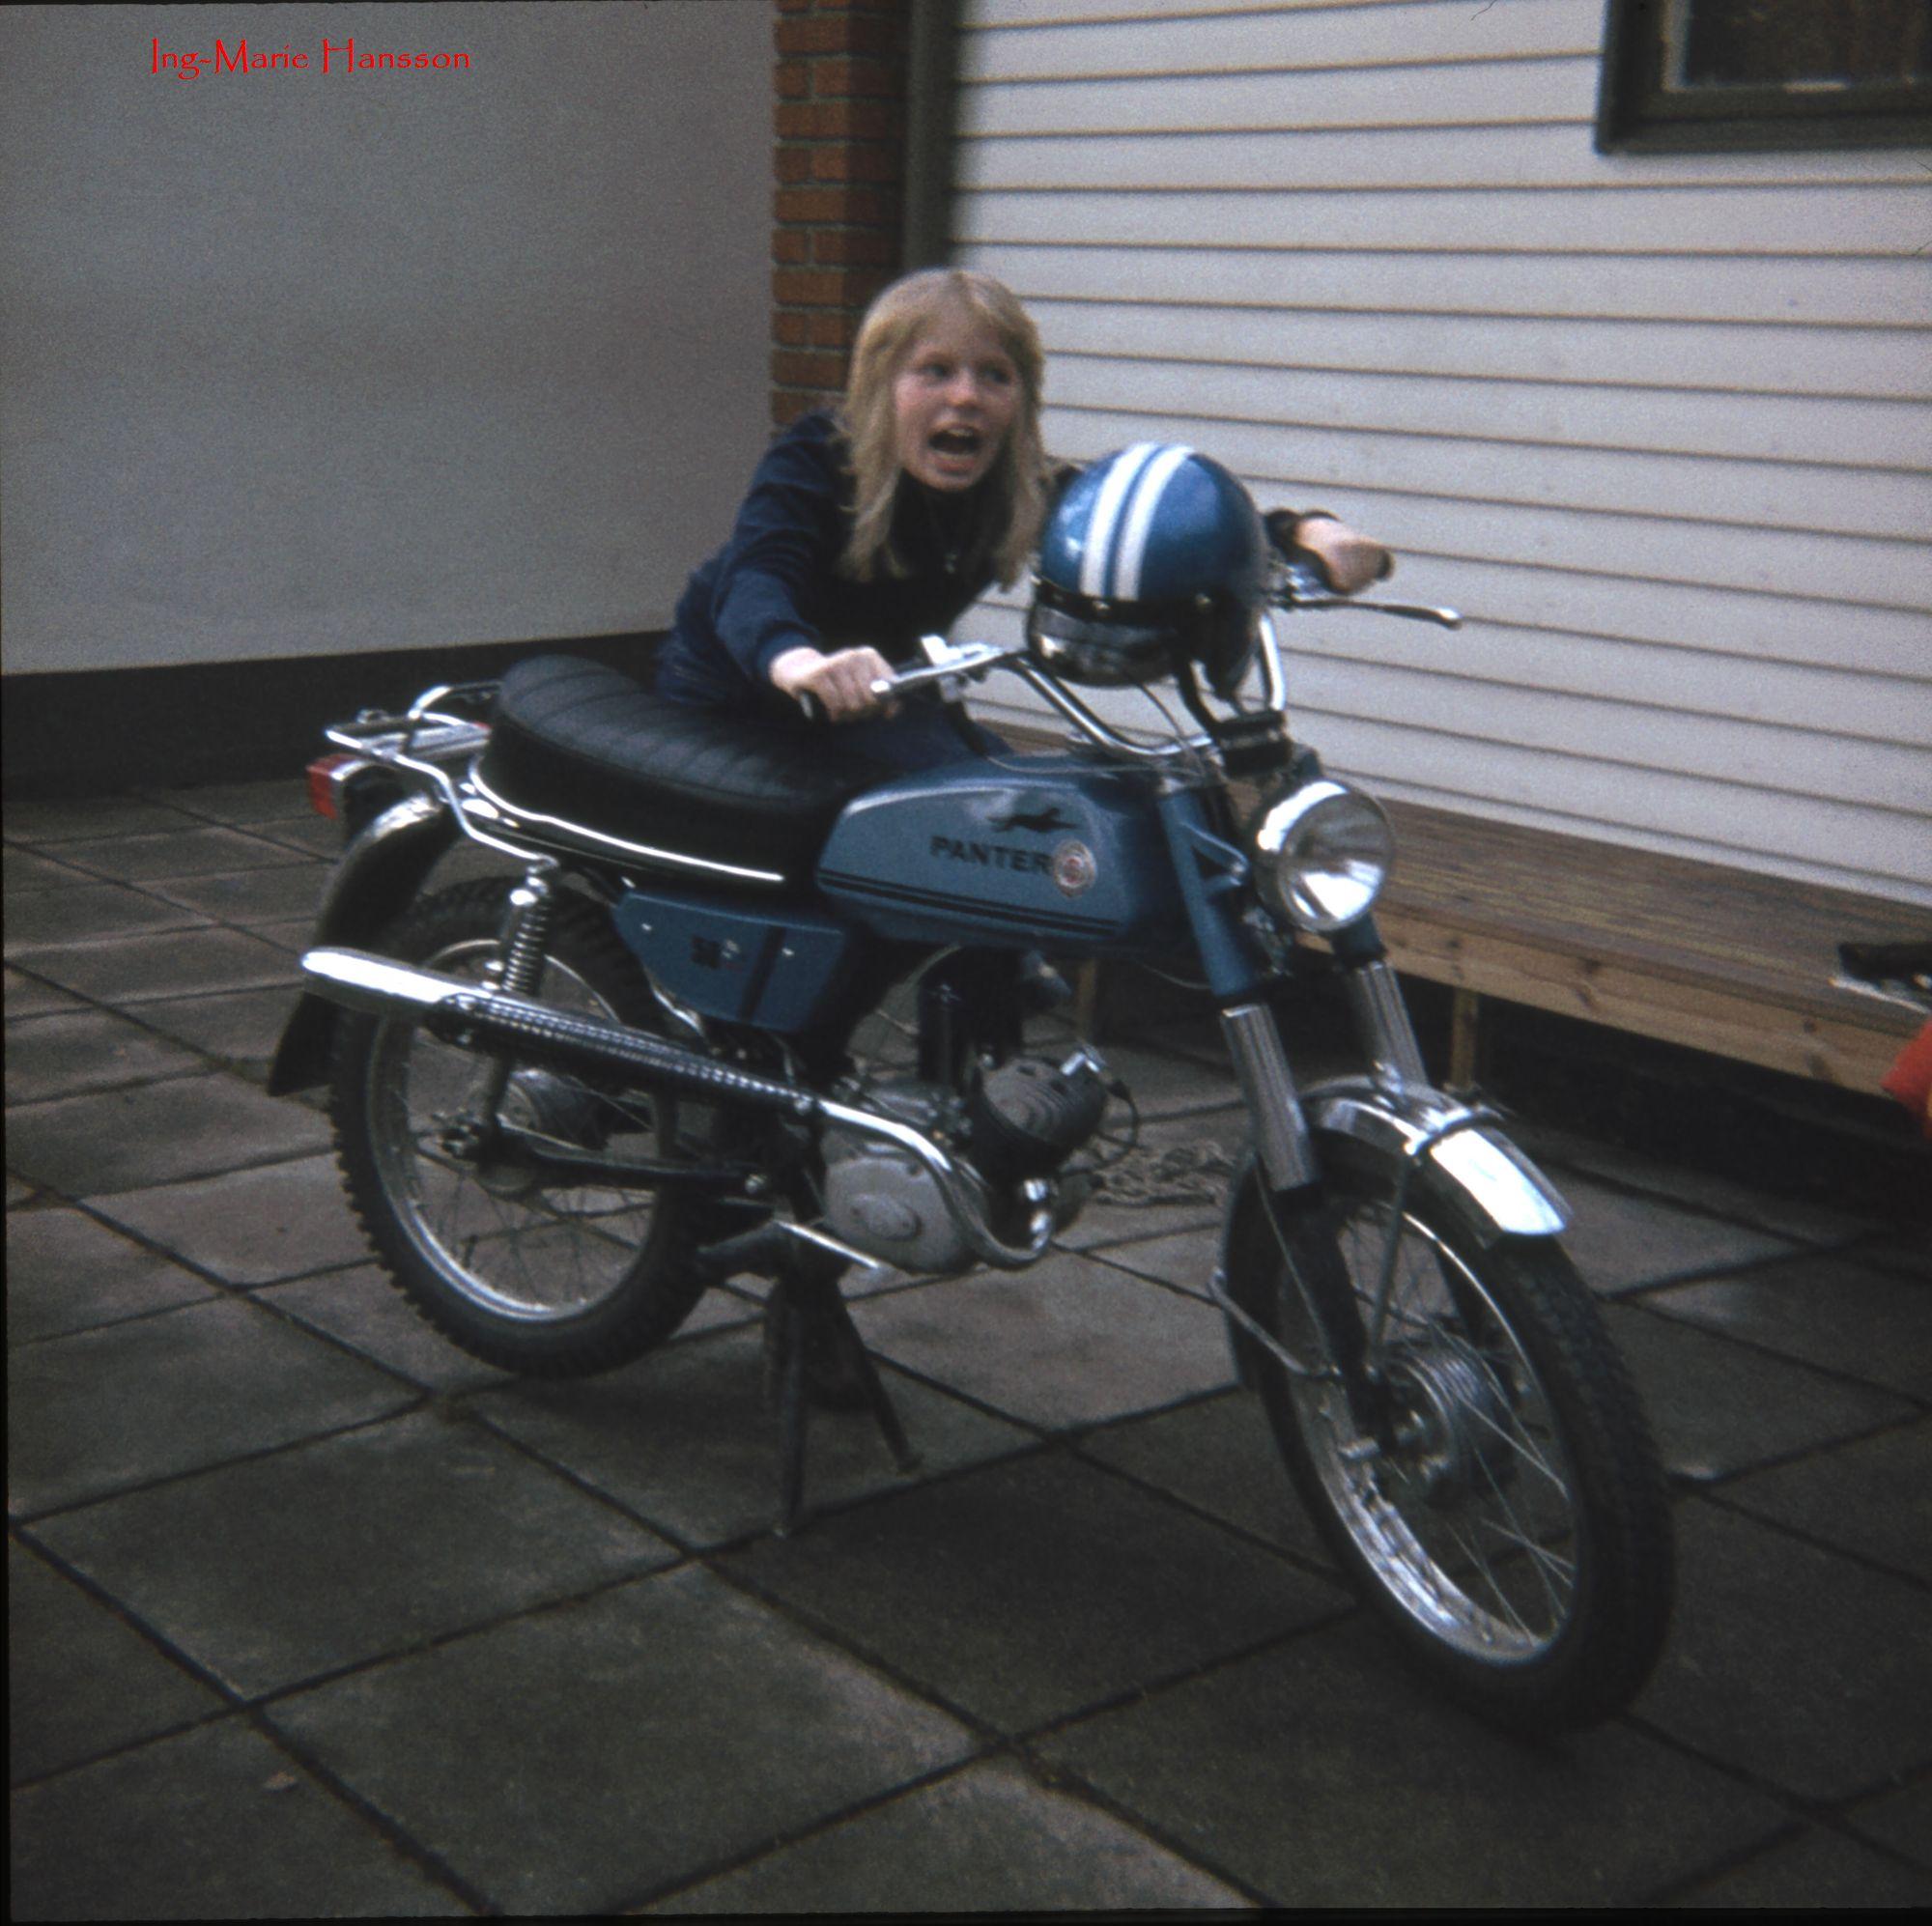 Ing-Marie med moped